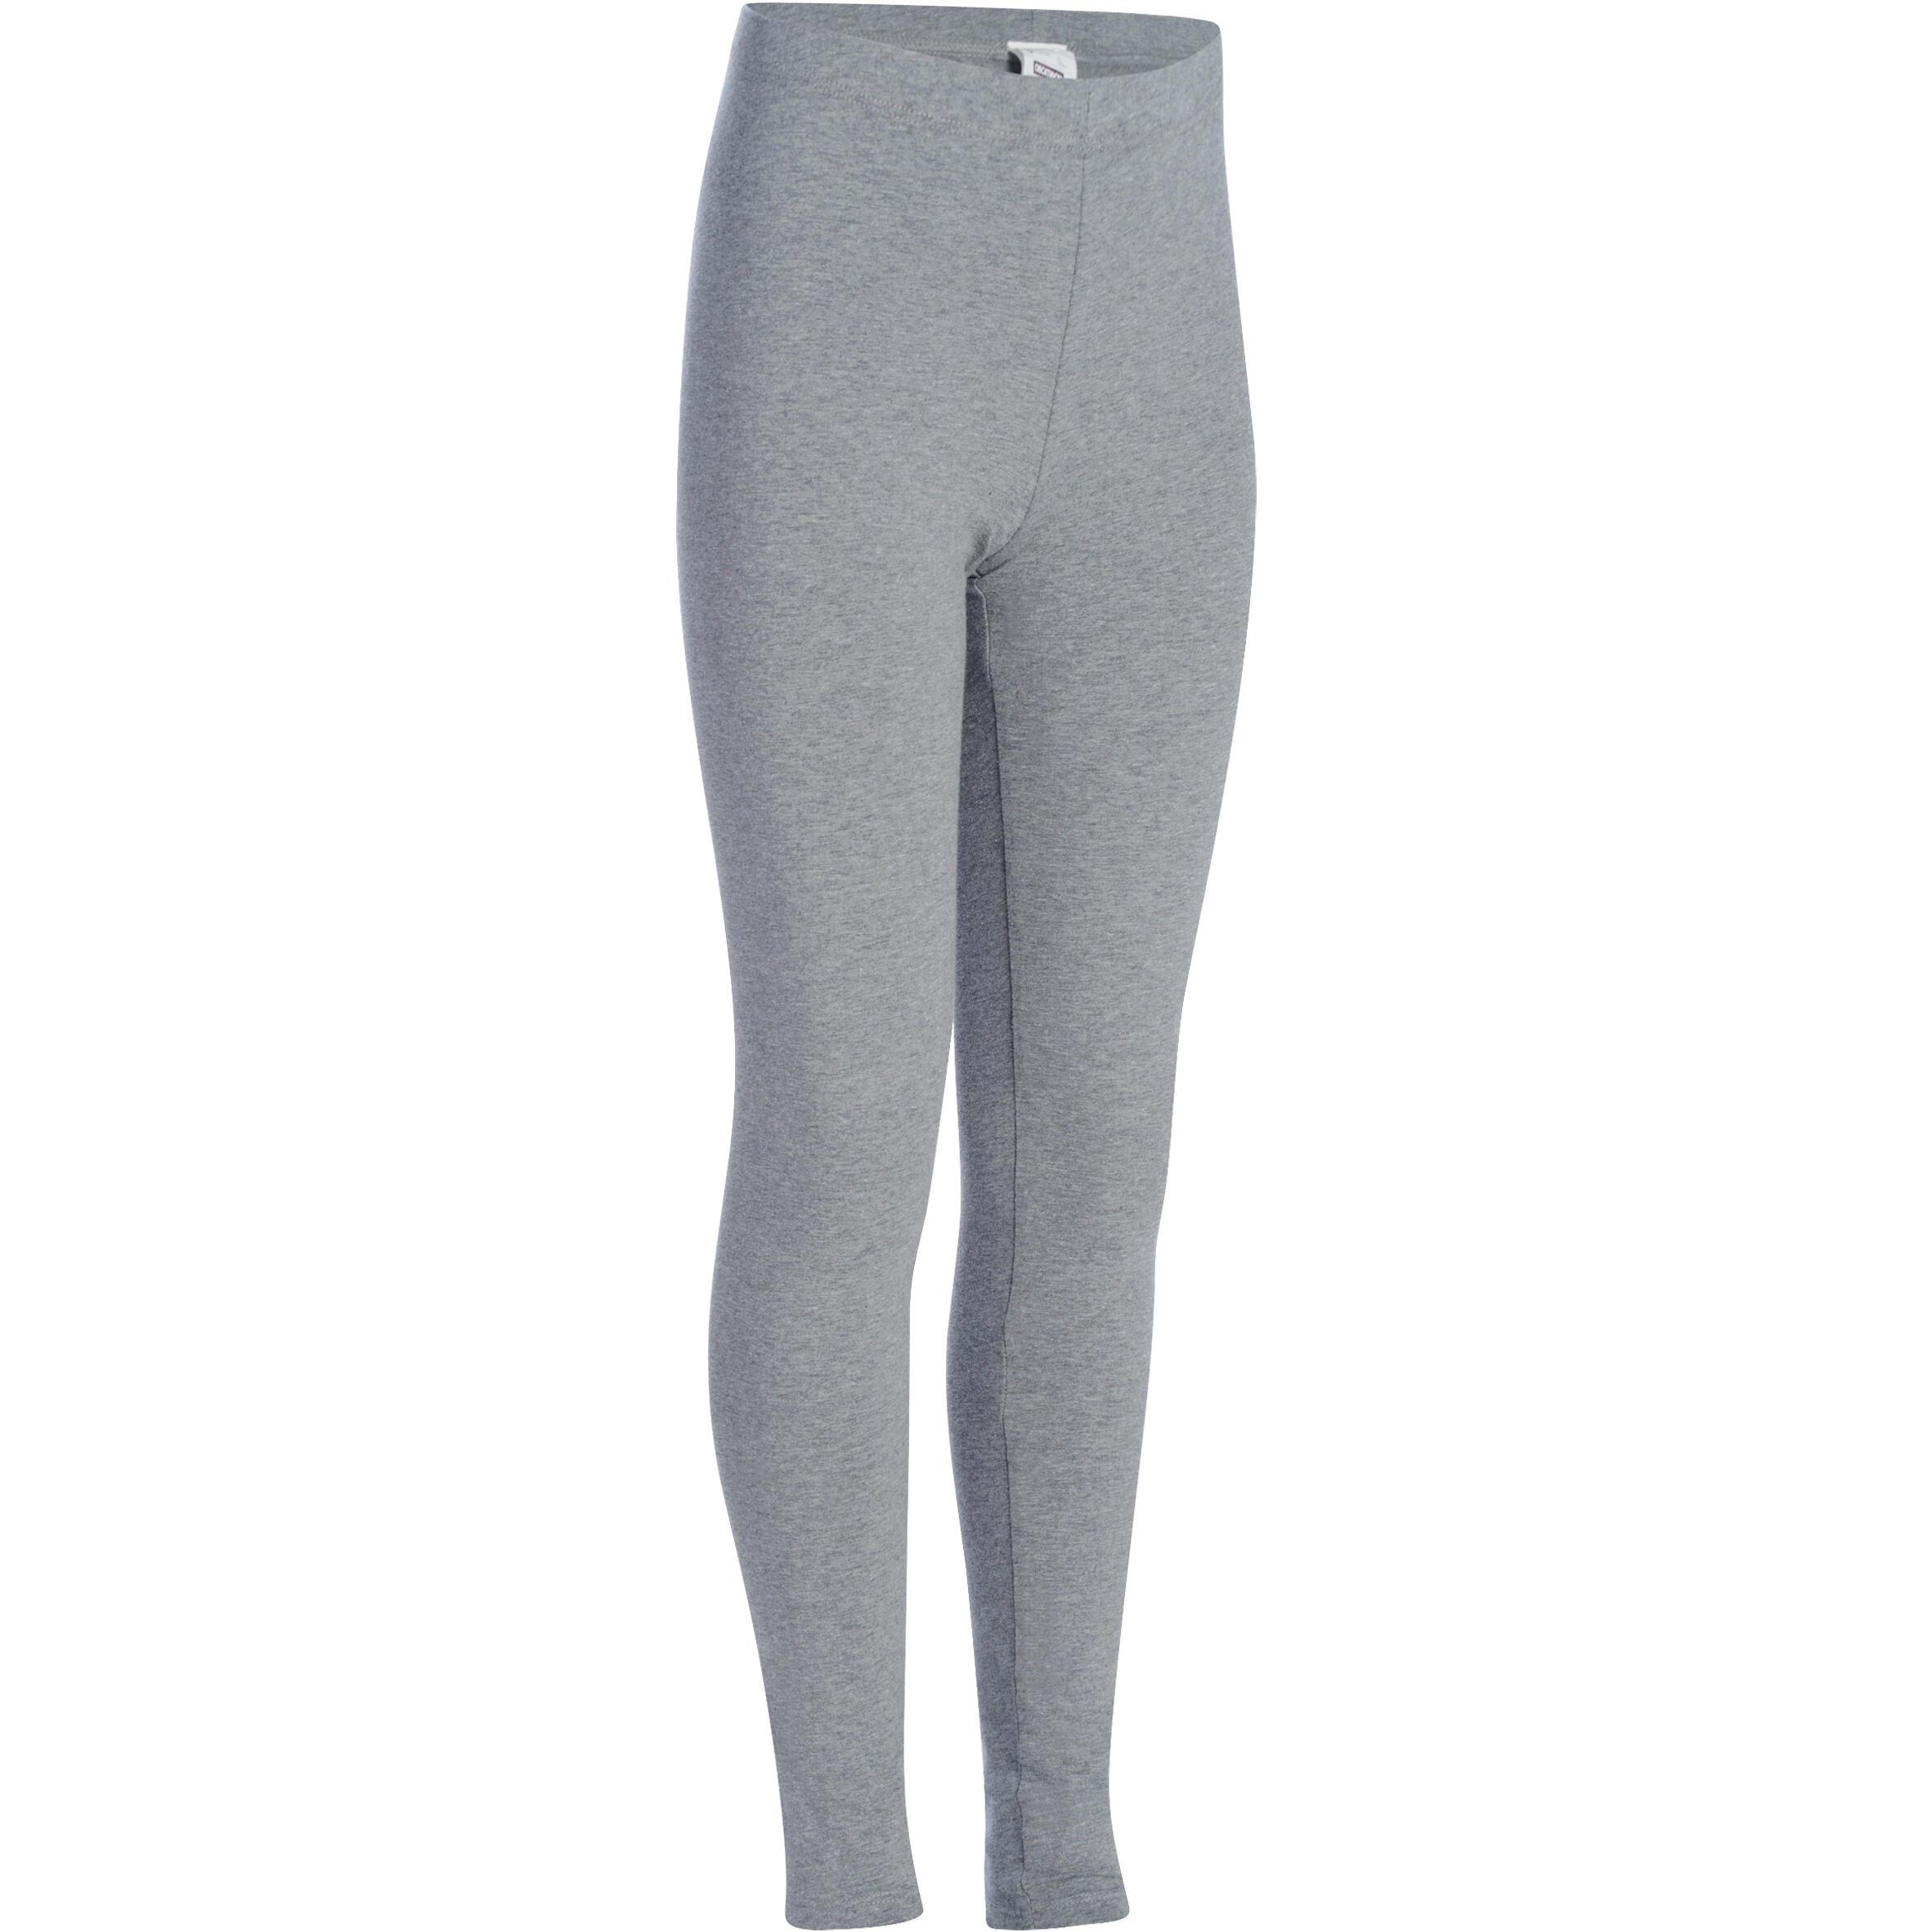 Leggings de gimnasia para niña gris